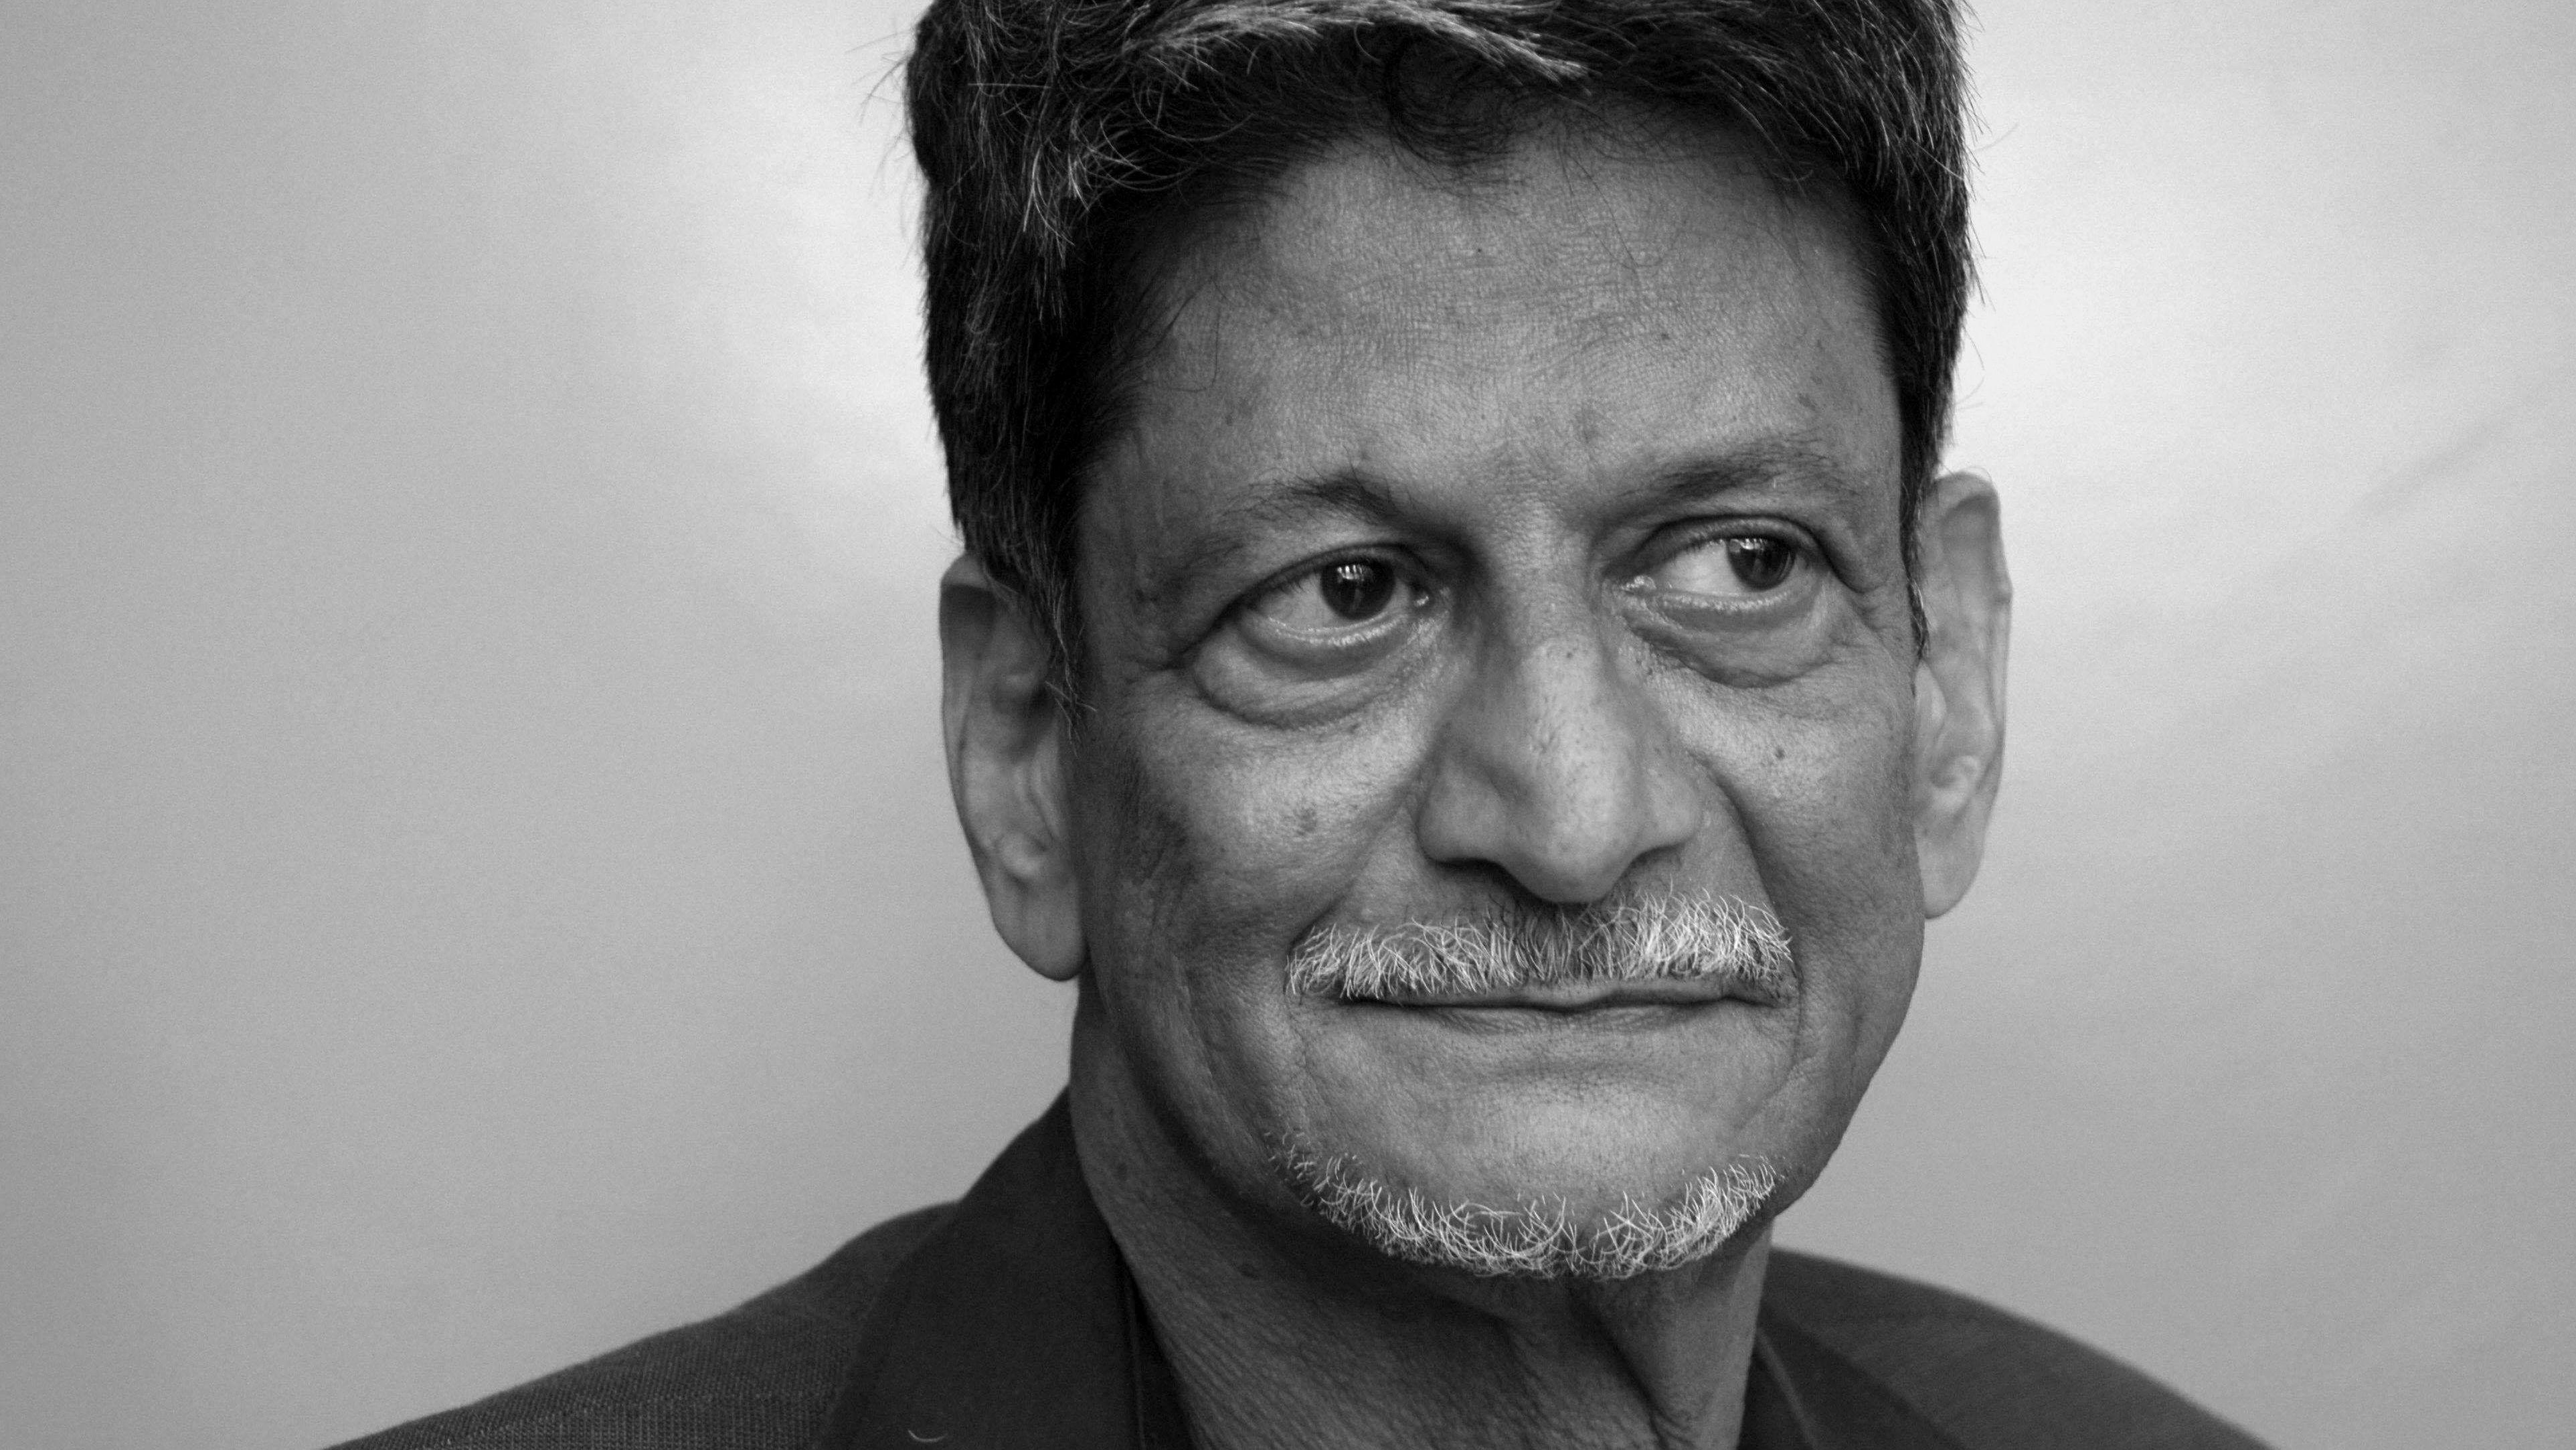 Ein schwarz-weiß Porträtfoto des 1942 geborenen indischen Autors Kiran Nagarkar, der letzte Woche in Mumbai gestorben ist